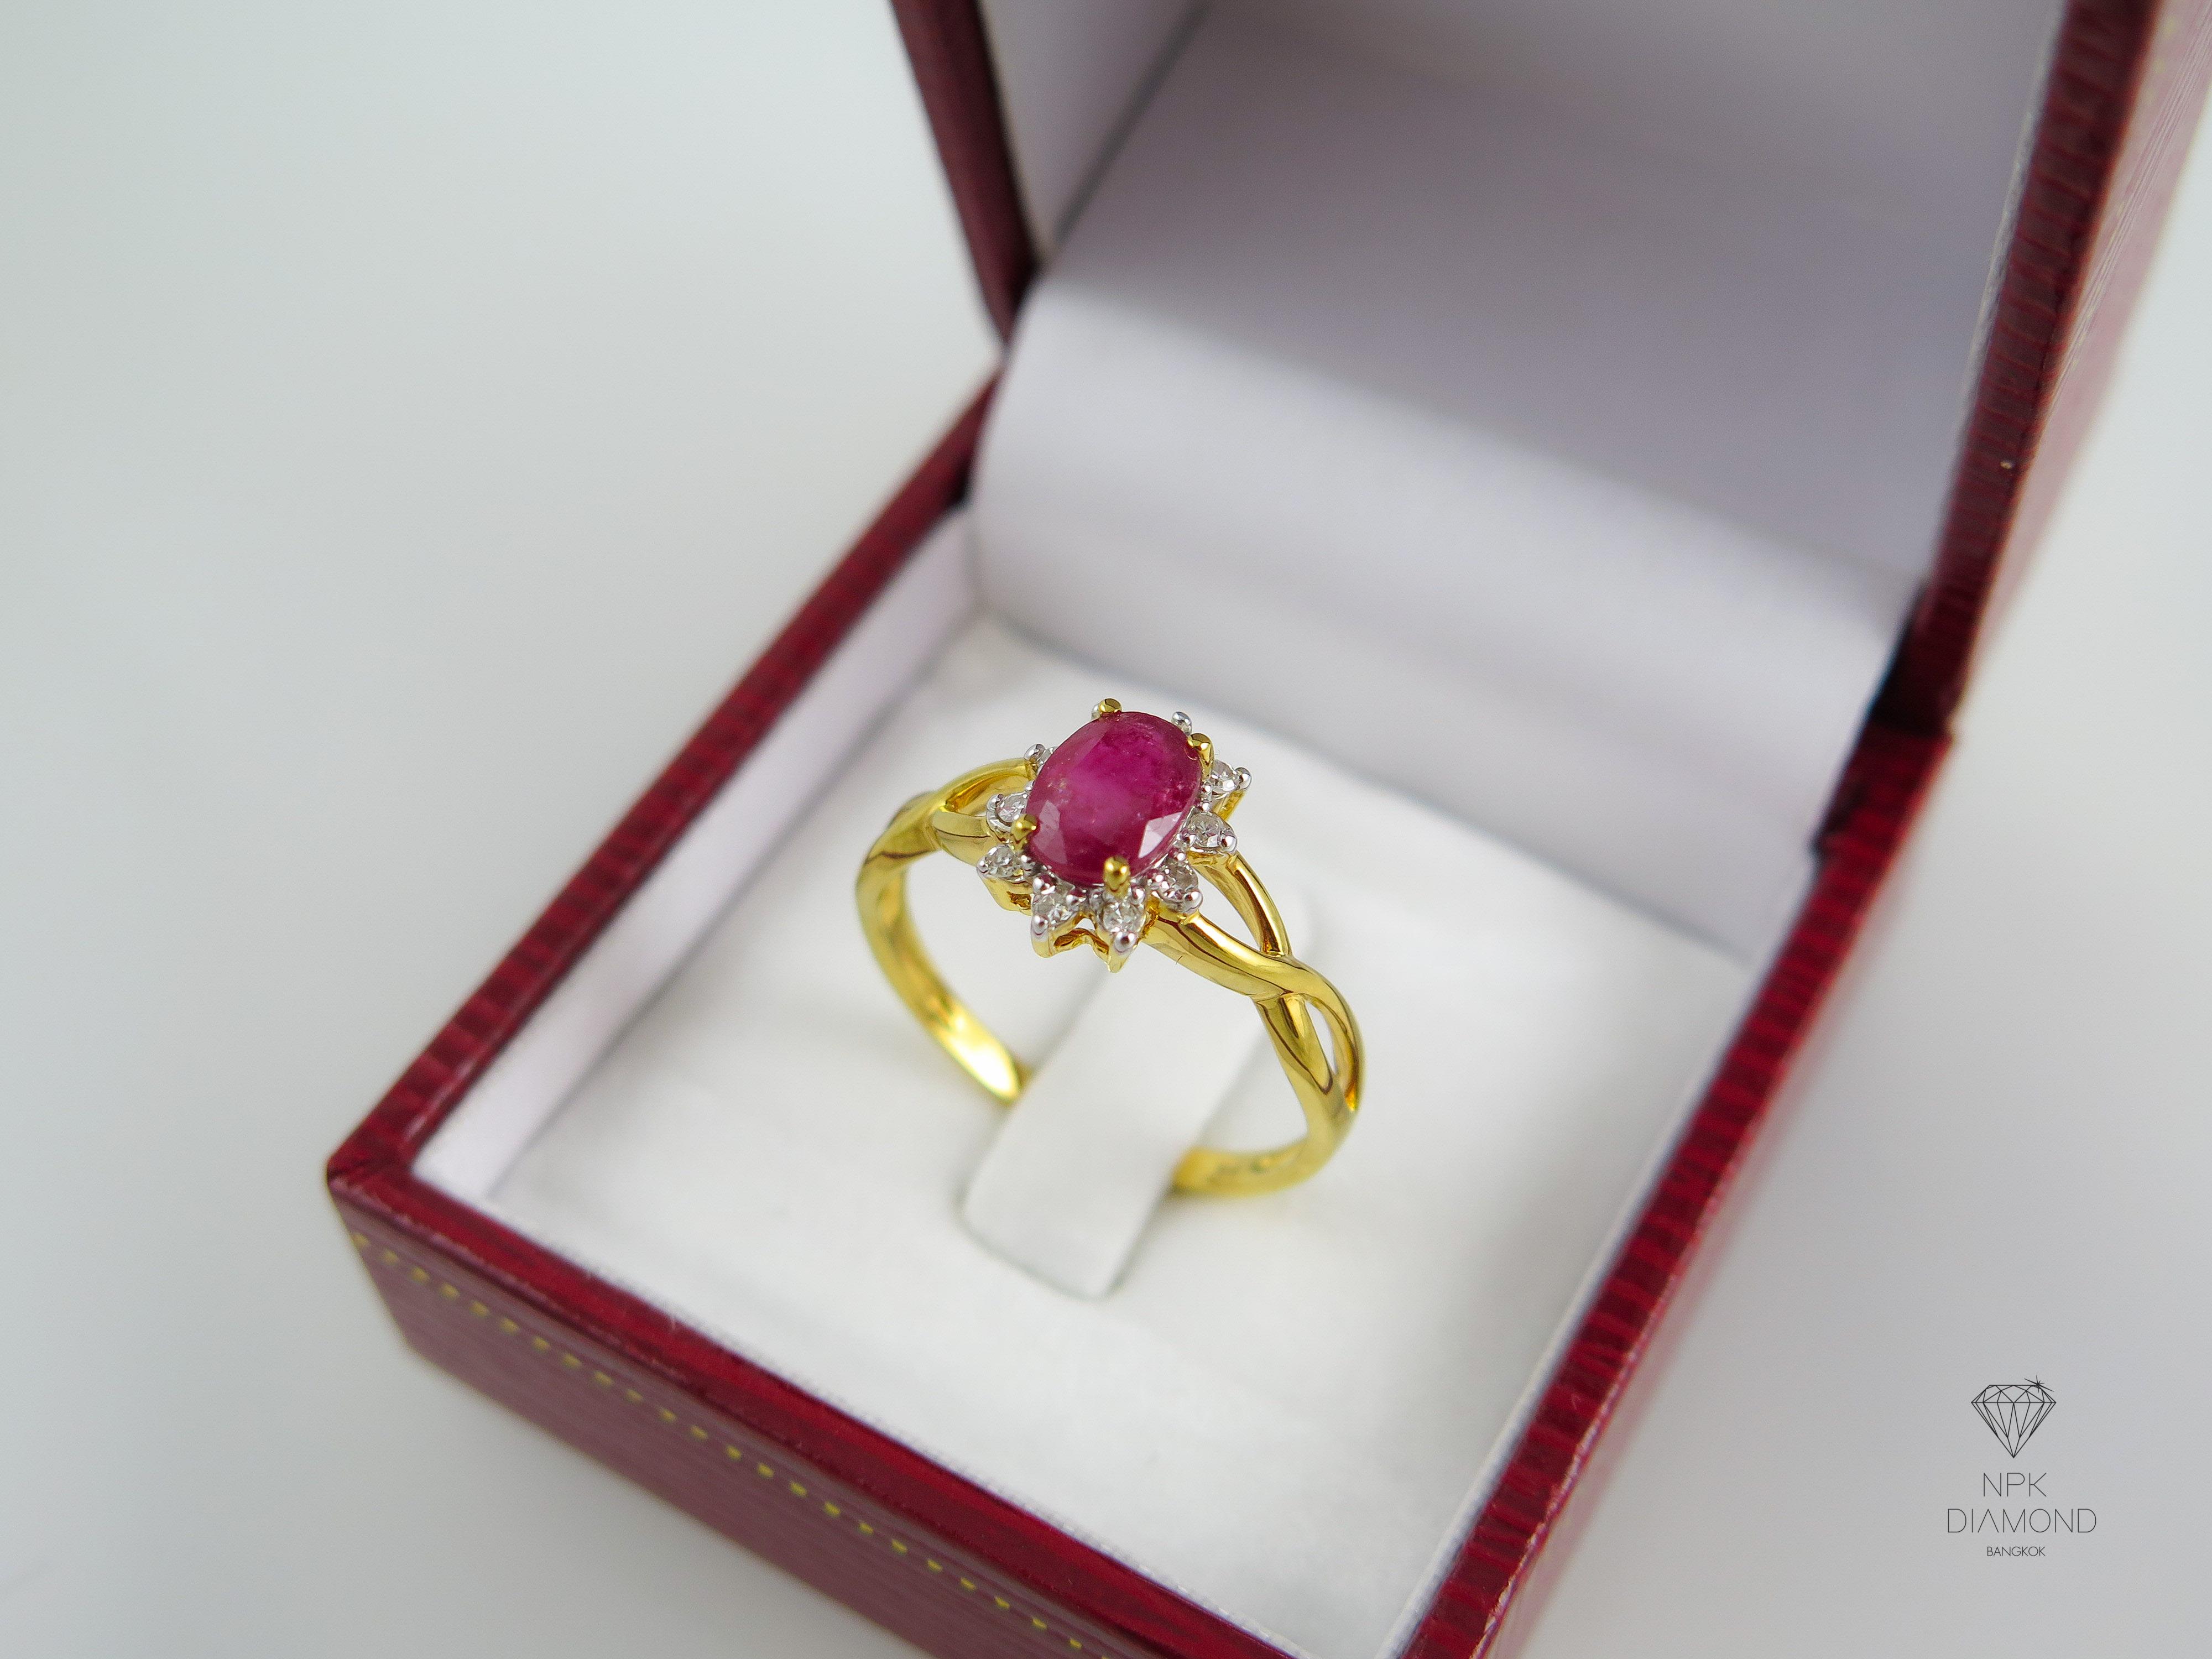 แหวนเพชรพลอยทับทิม